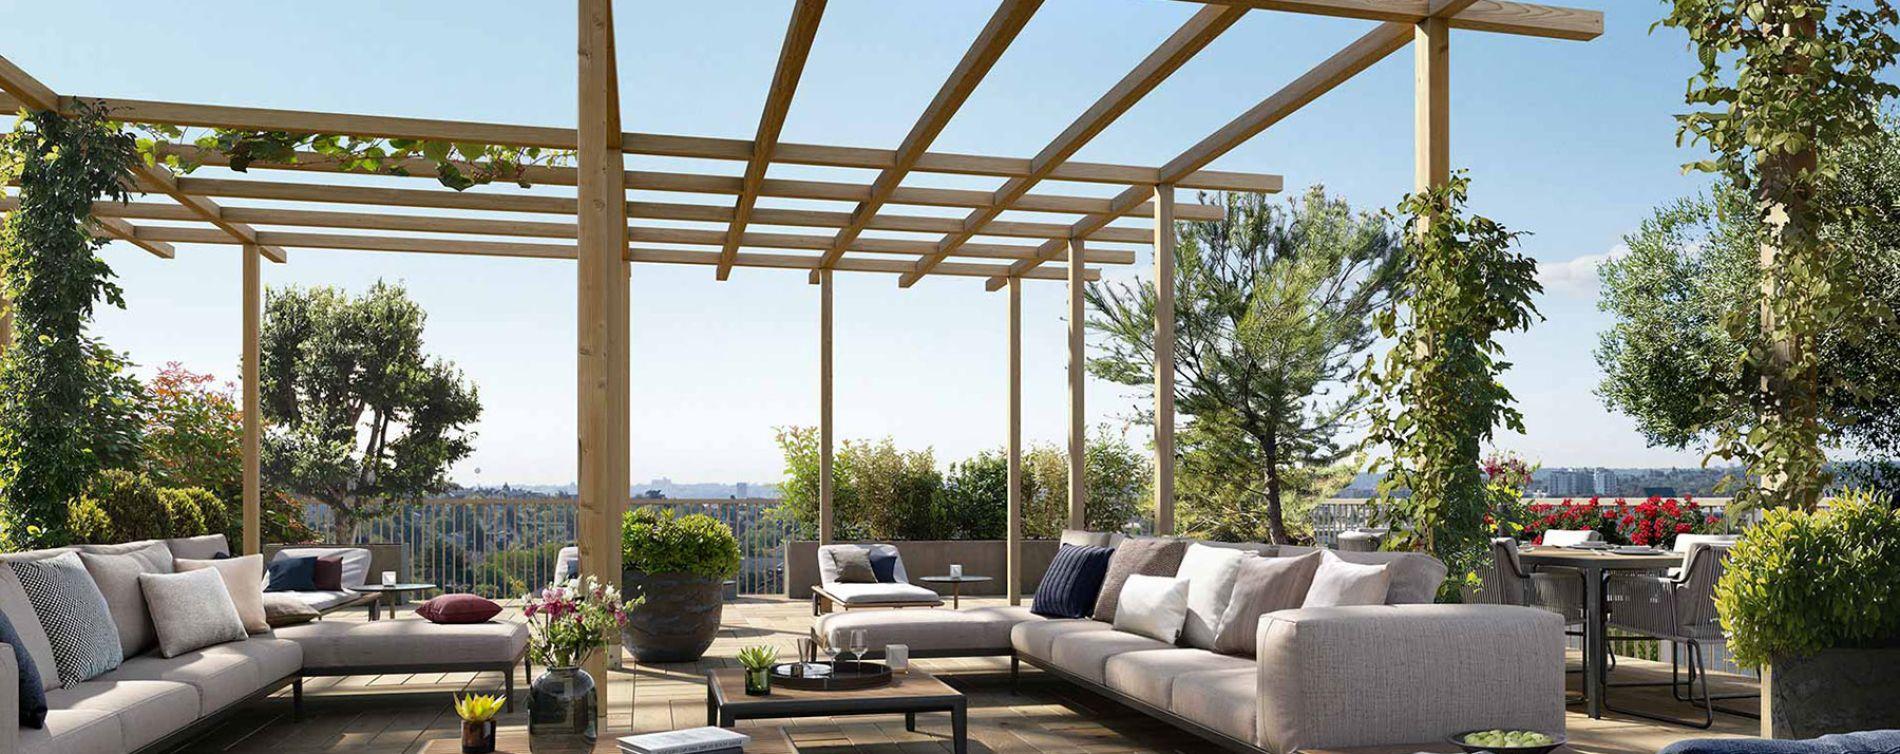 Résidence High Garden à Rueil-Malmaison